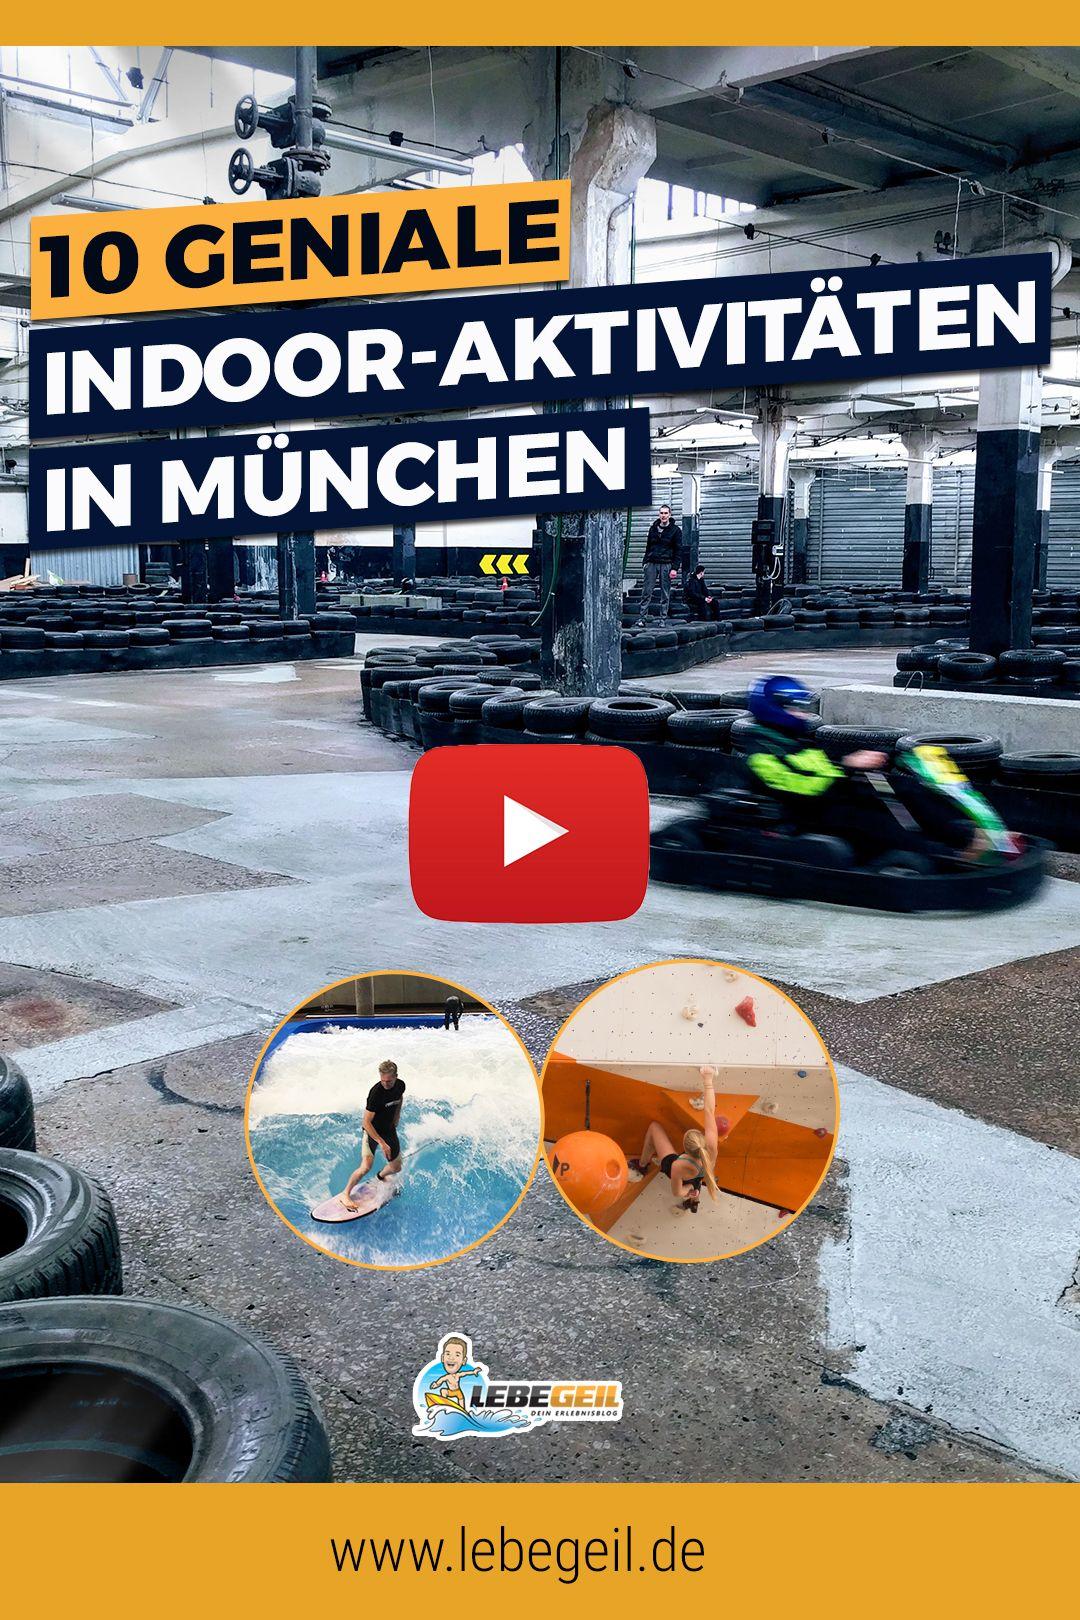 10 geniale Indoor-Aktivitäten in München | Aktivitäten bei schlechtem wetter, München bei regen